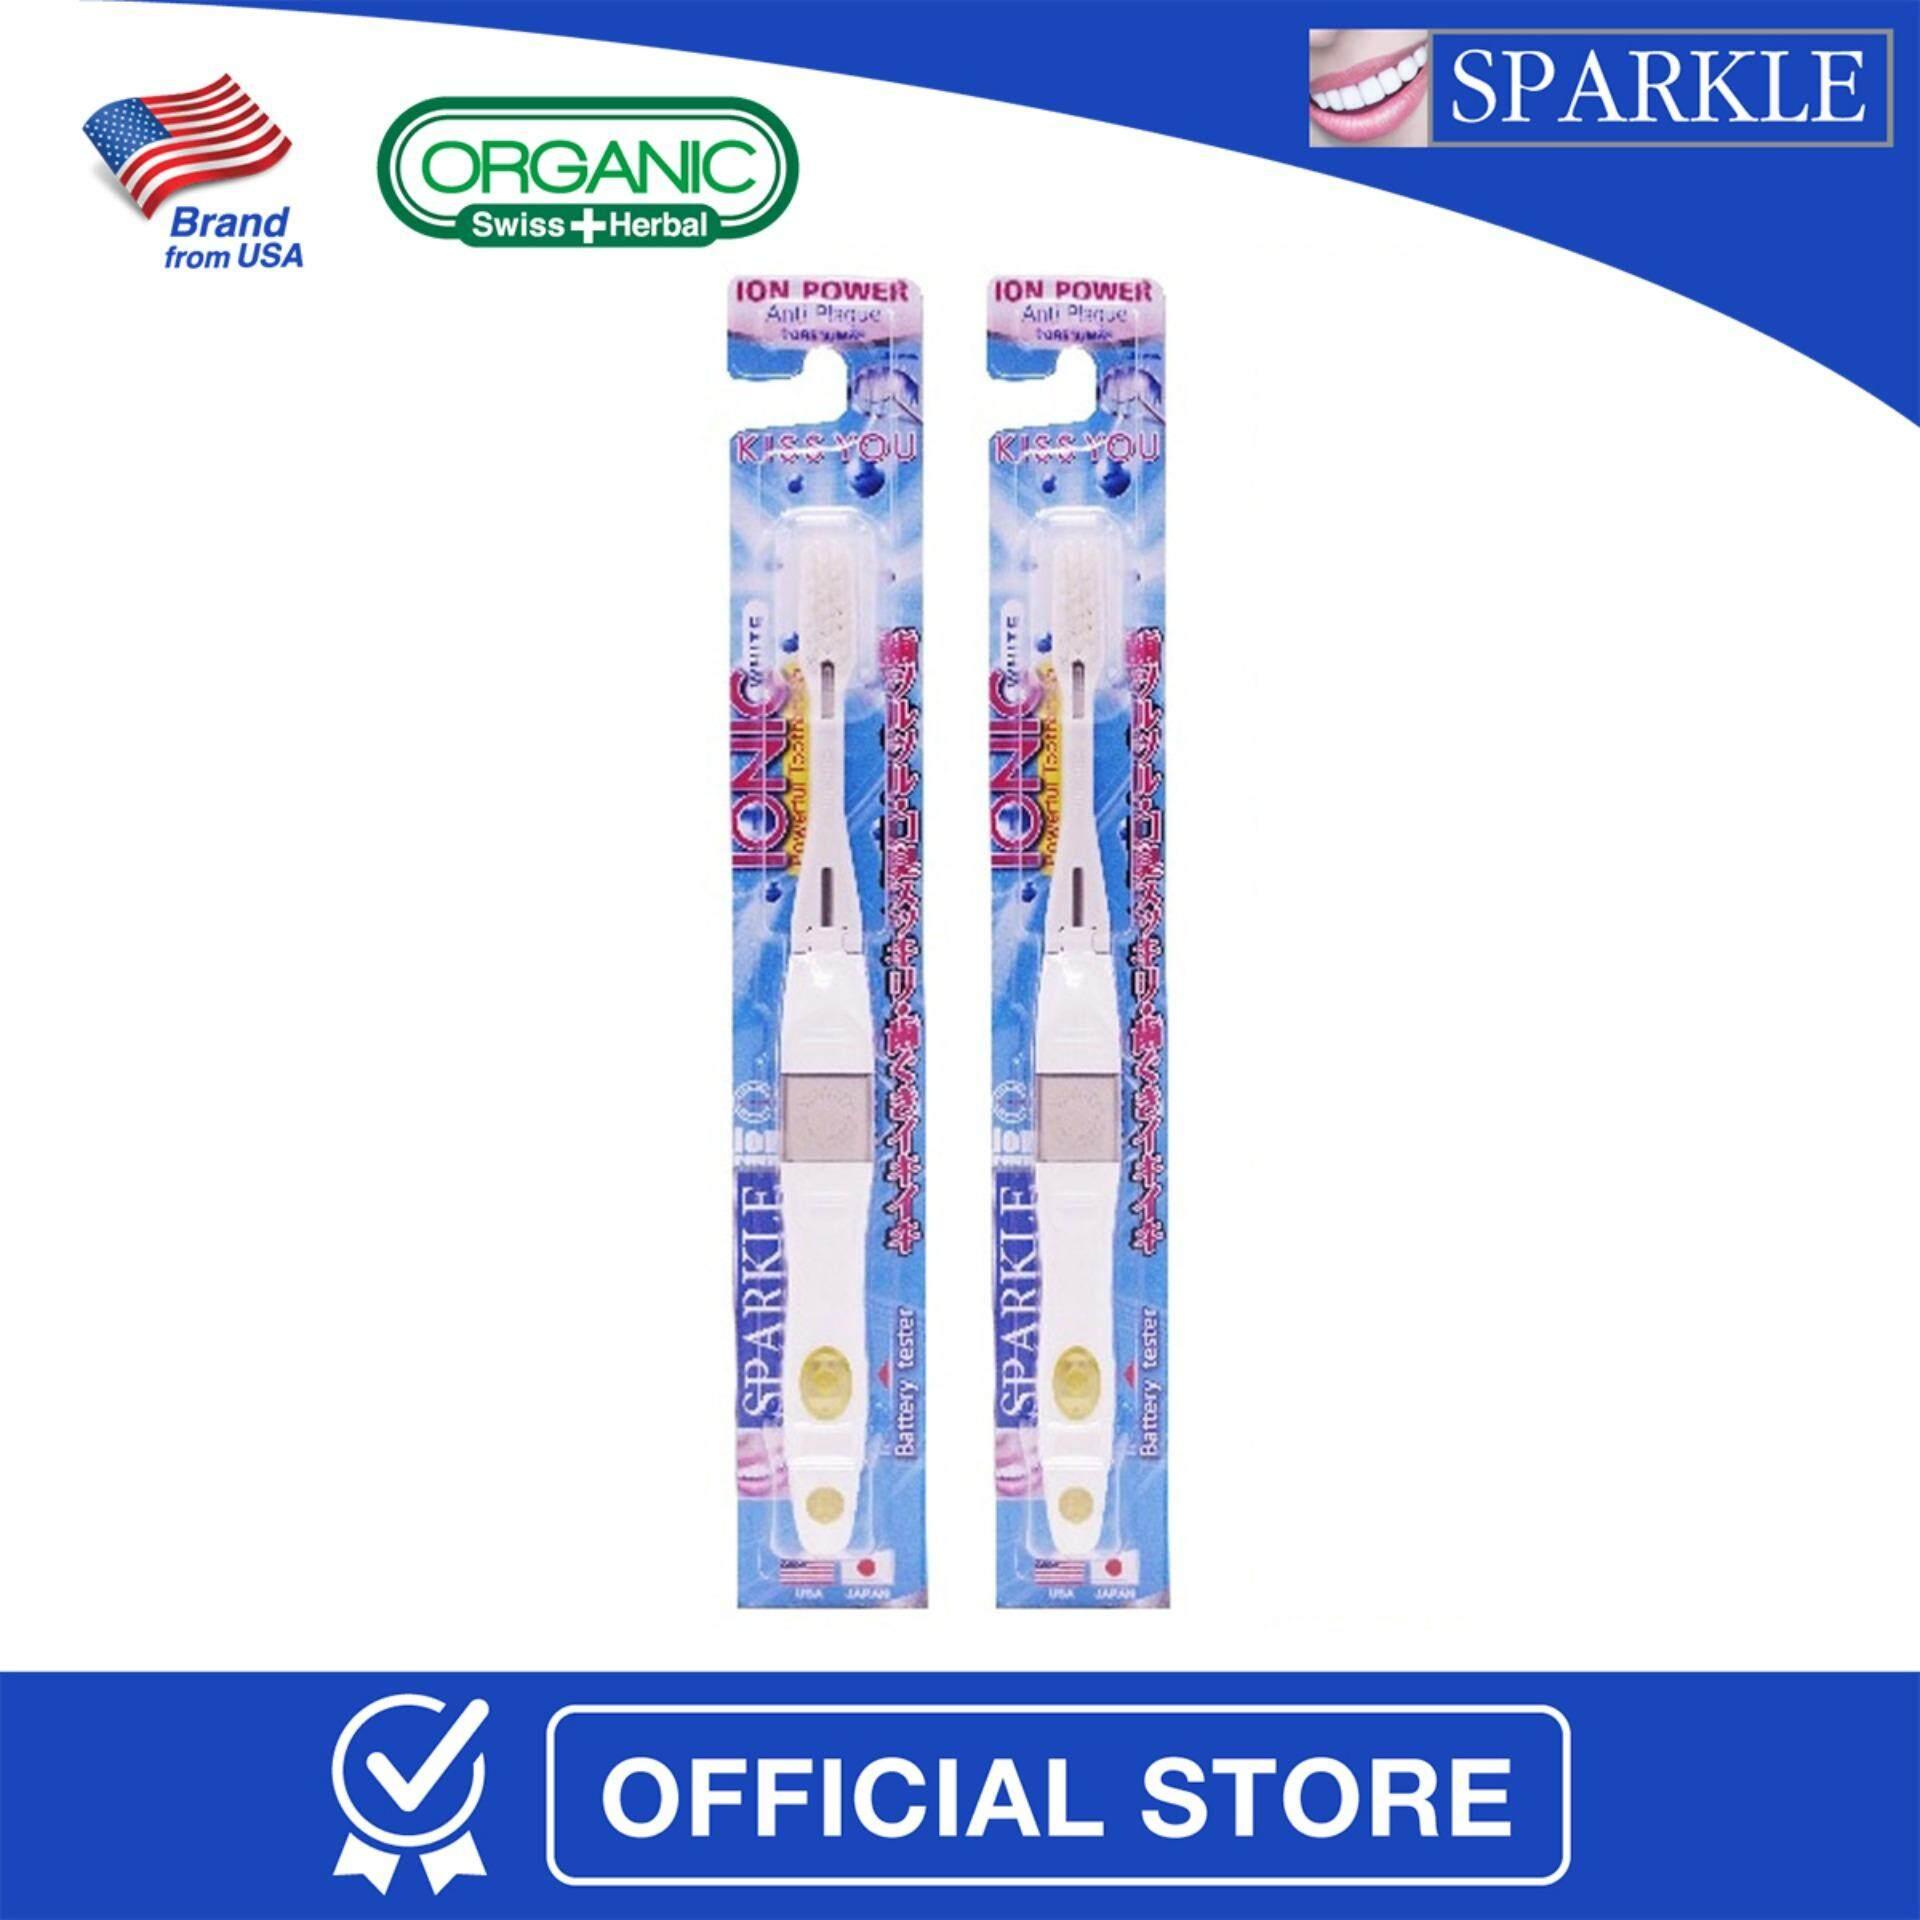 ขาย ซื้อ แพ็กคู่ Sparkle Ionic Toothbrush แปรงสีฟัน พลังไอโอนิค สีขาว Sk0313